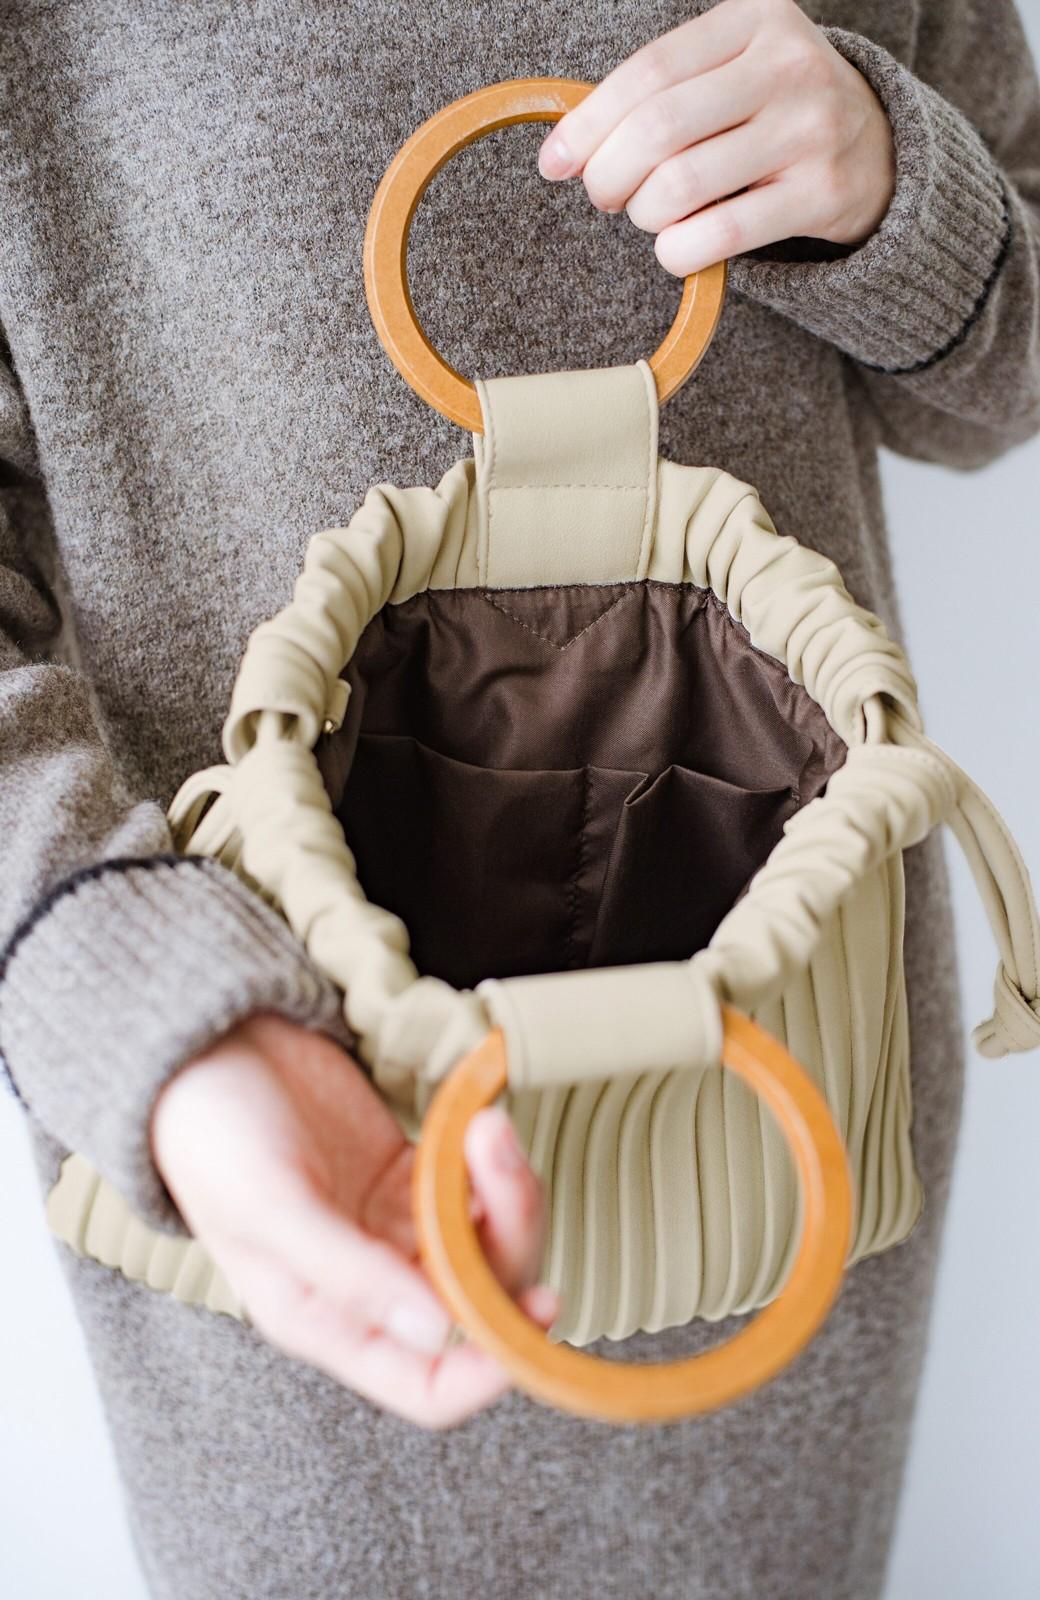 haco! パッと持ってコーデのポイントになる フェイクスエードがやさしい雰囲気の2WAYプリーツバッグ <アイボリー>の商品写真6